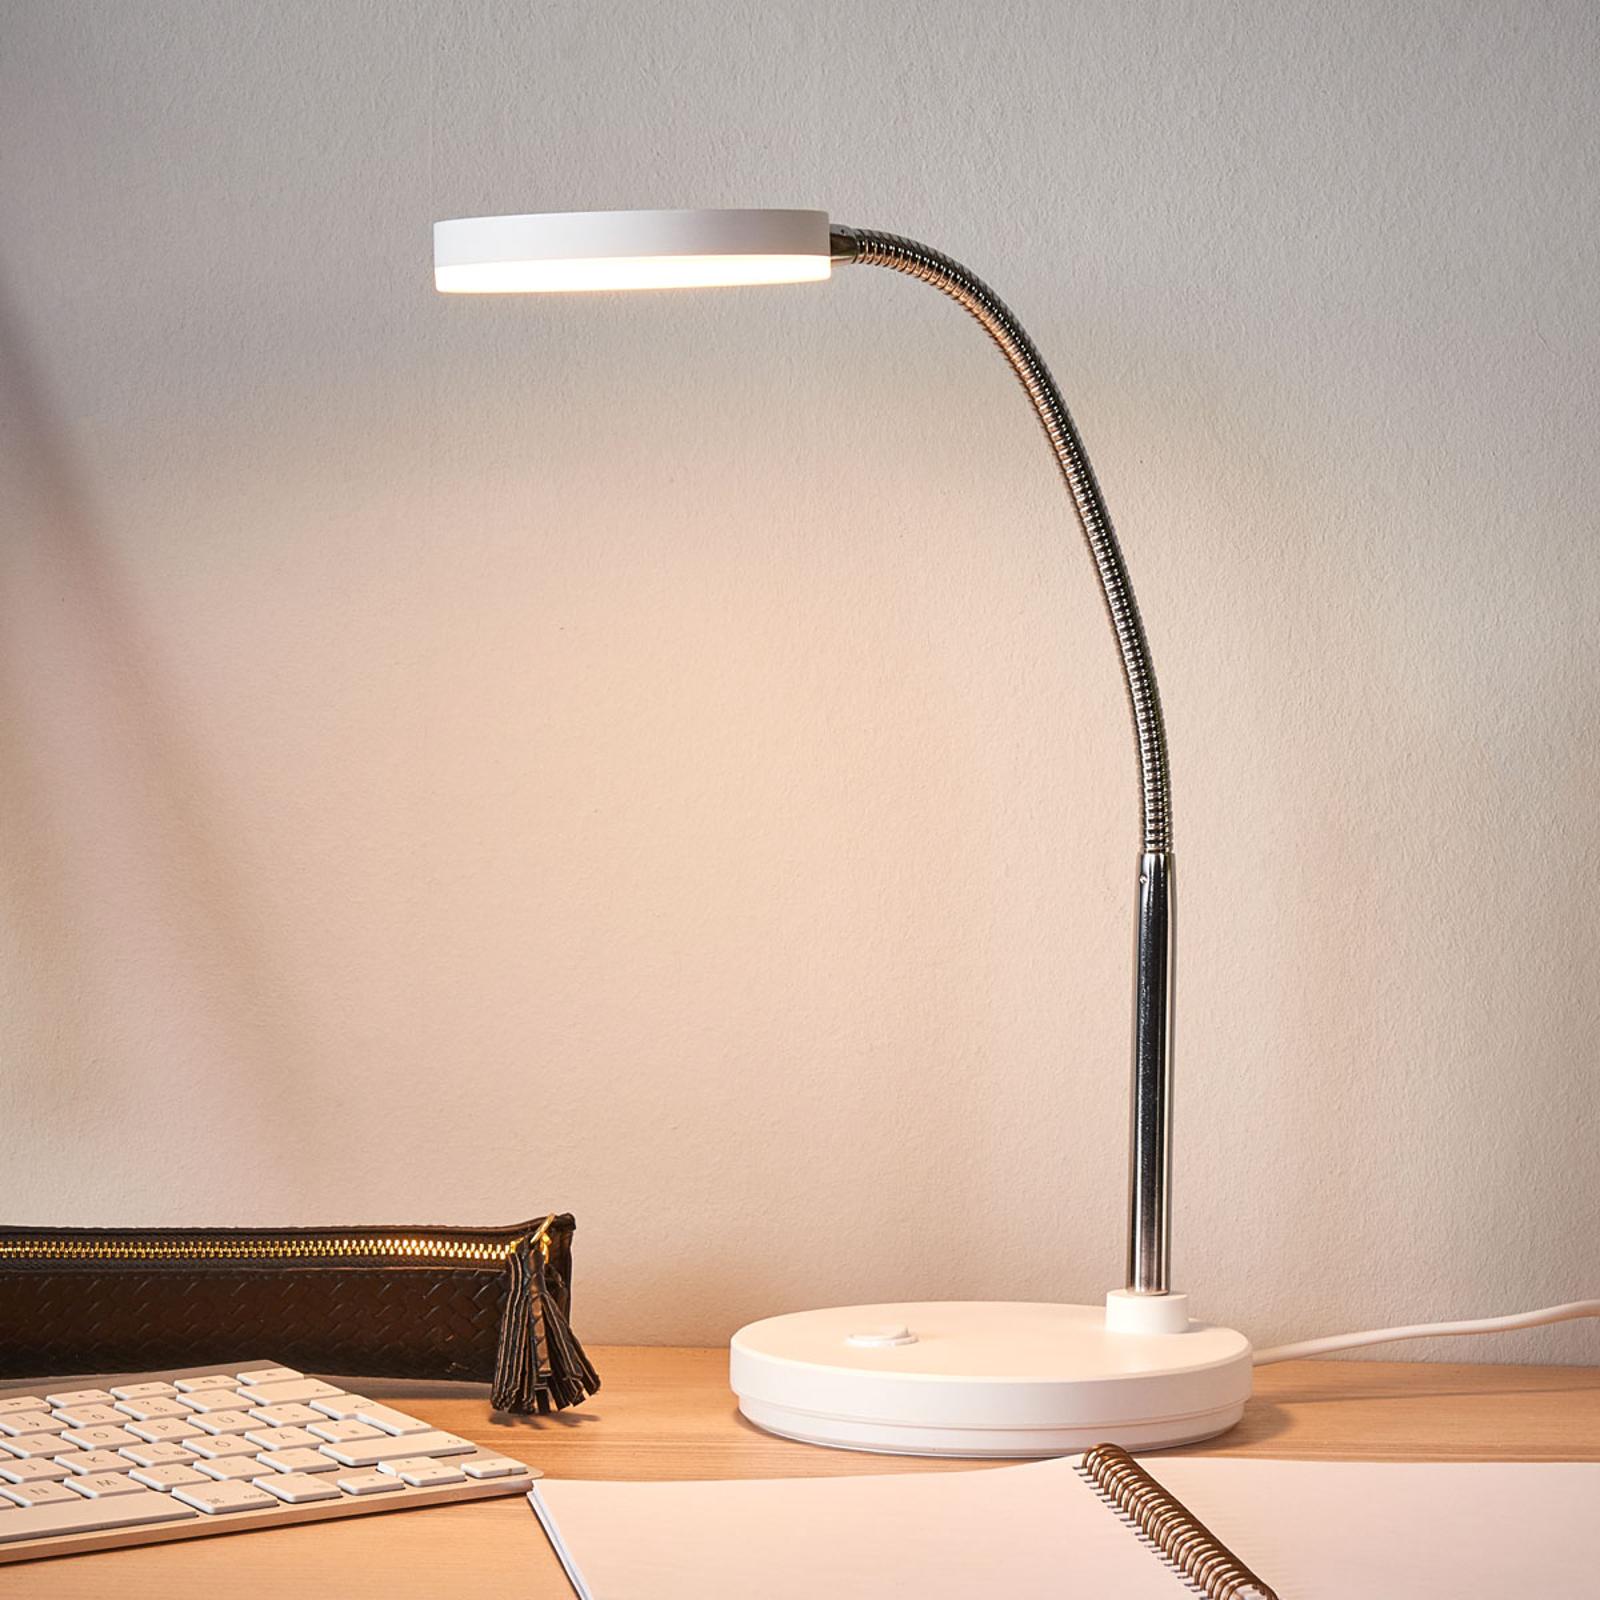 Lampada LED da scrivania Milow, bianca